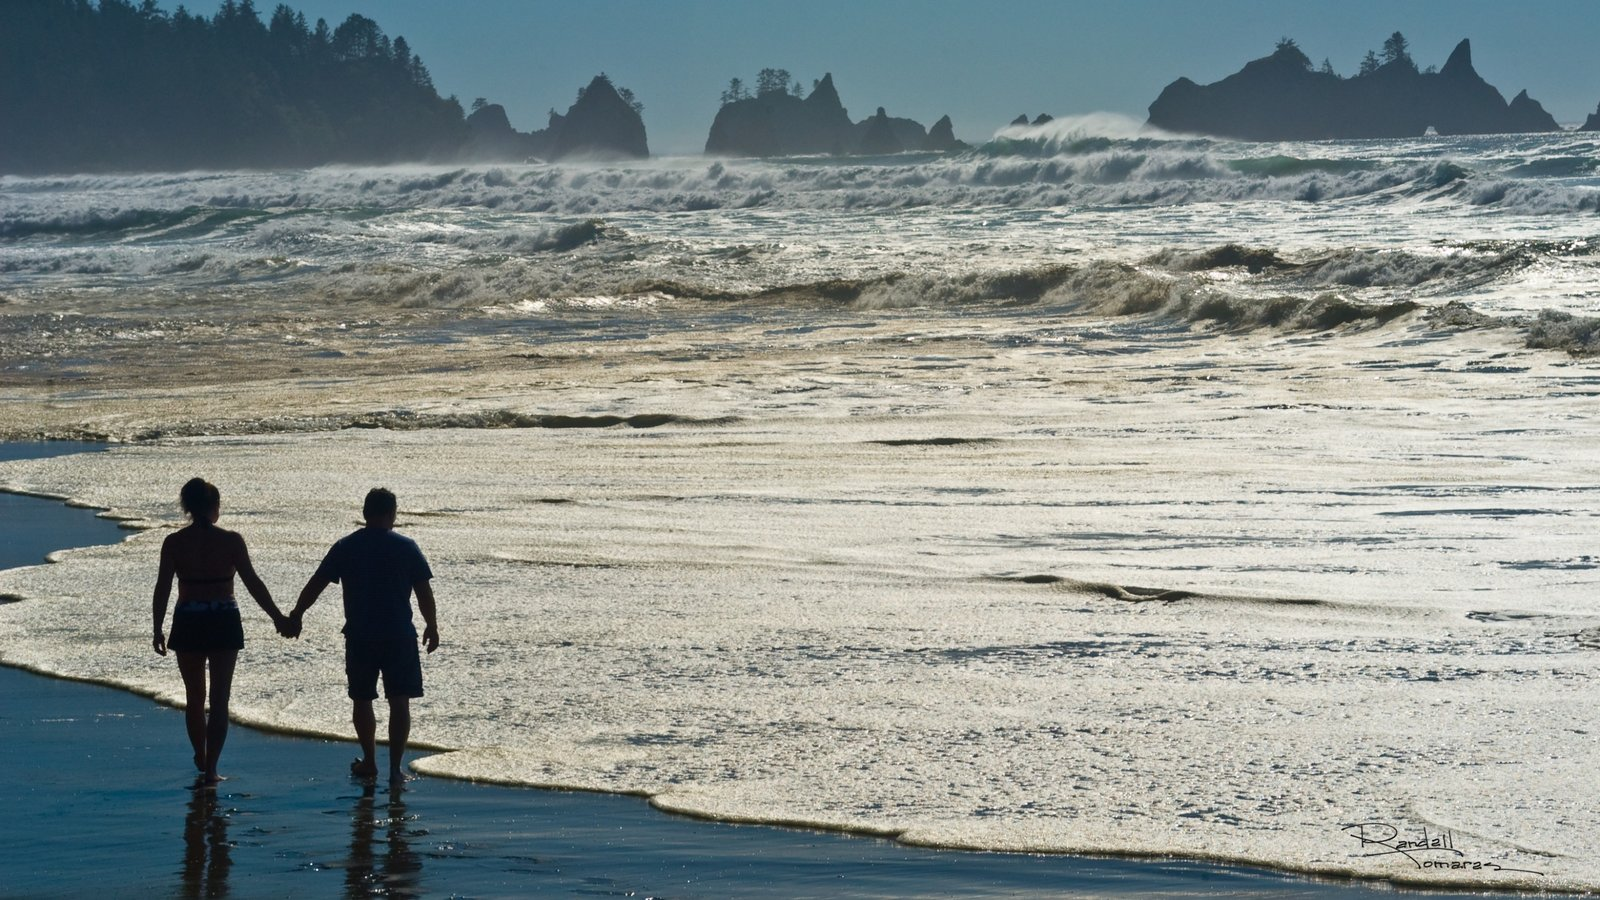 Washington mostrando una playa de arena y vistas generales de la costa y también una pareja